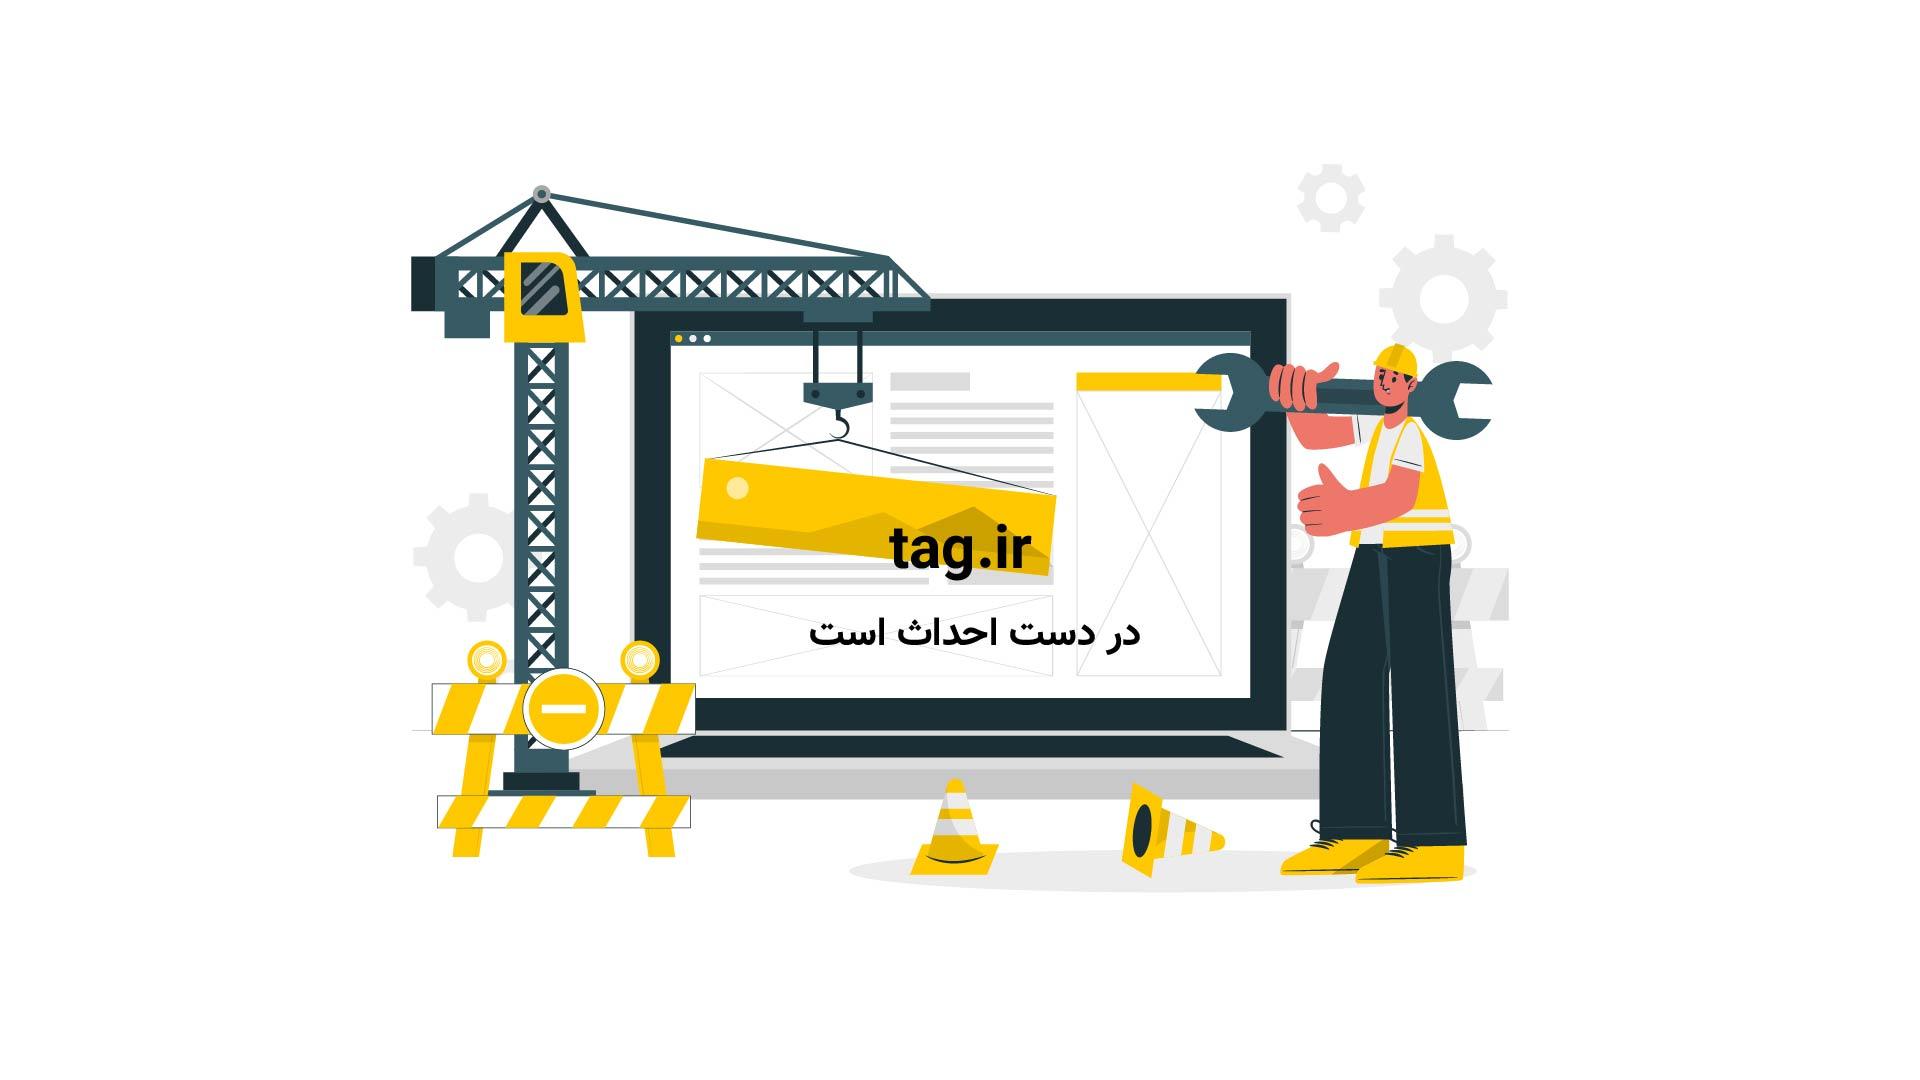 فیلم واژگونی کامیون در سیل چین